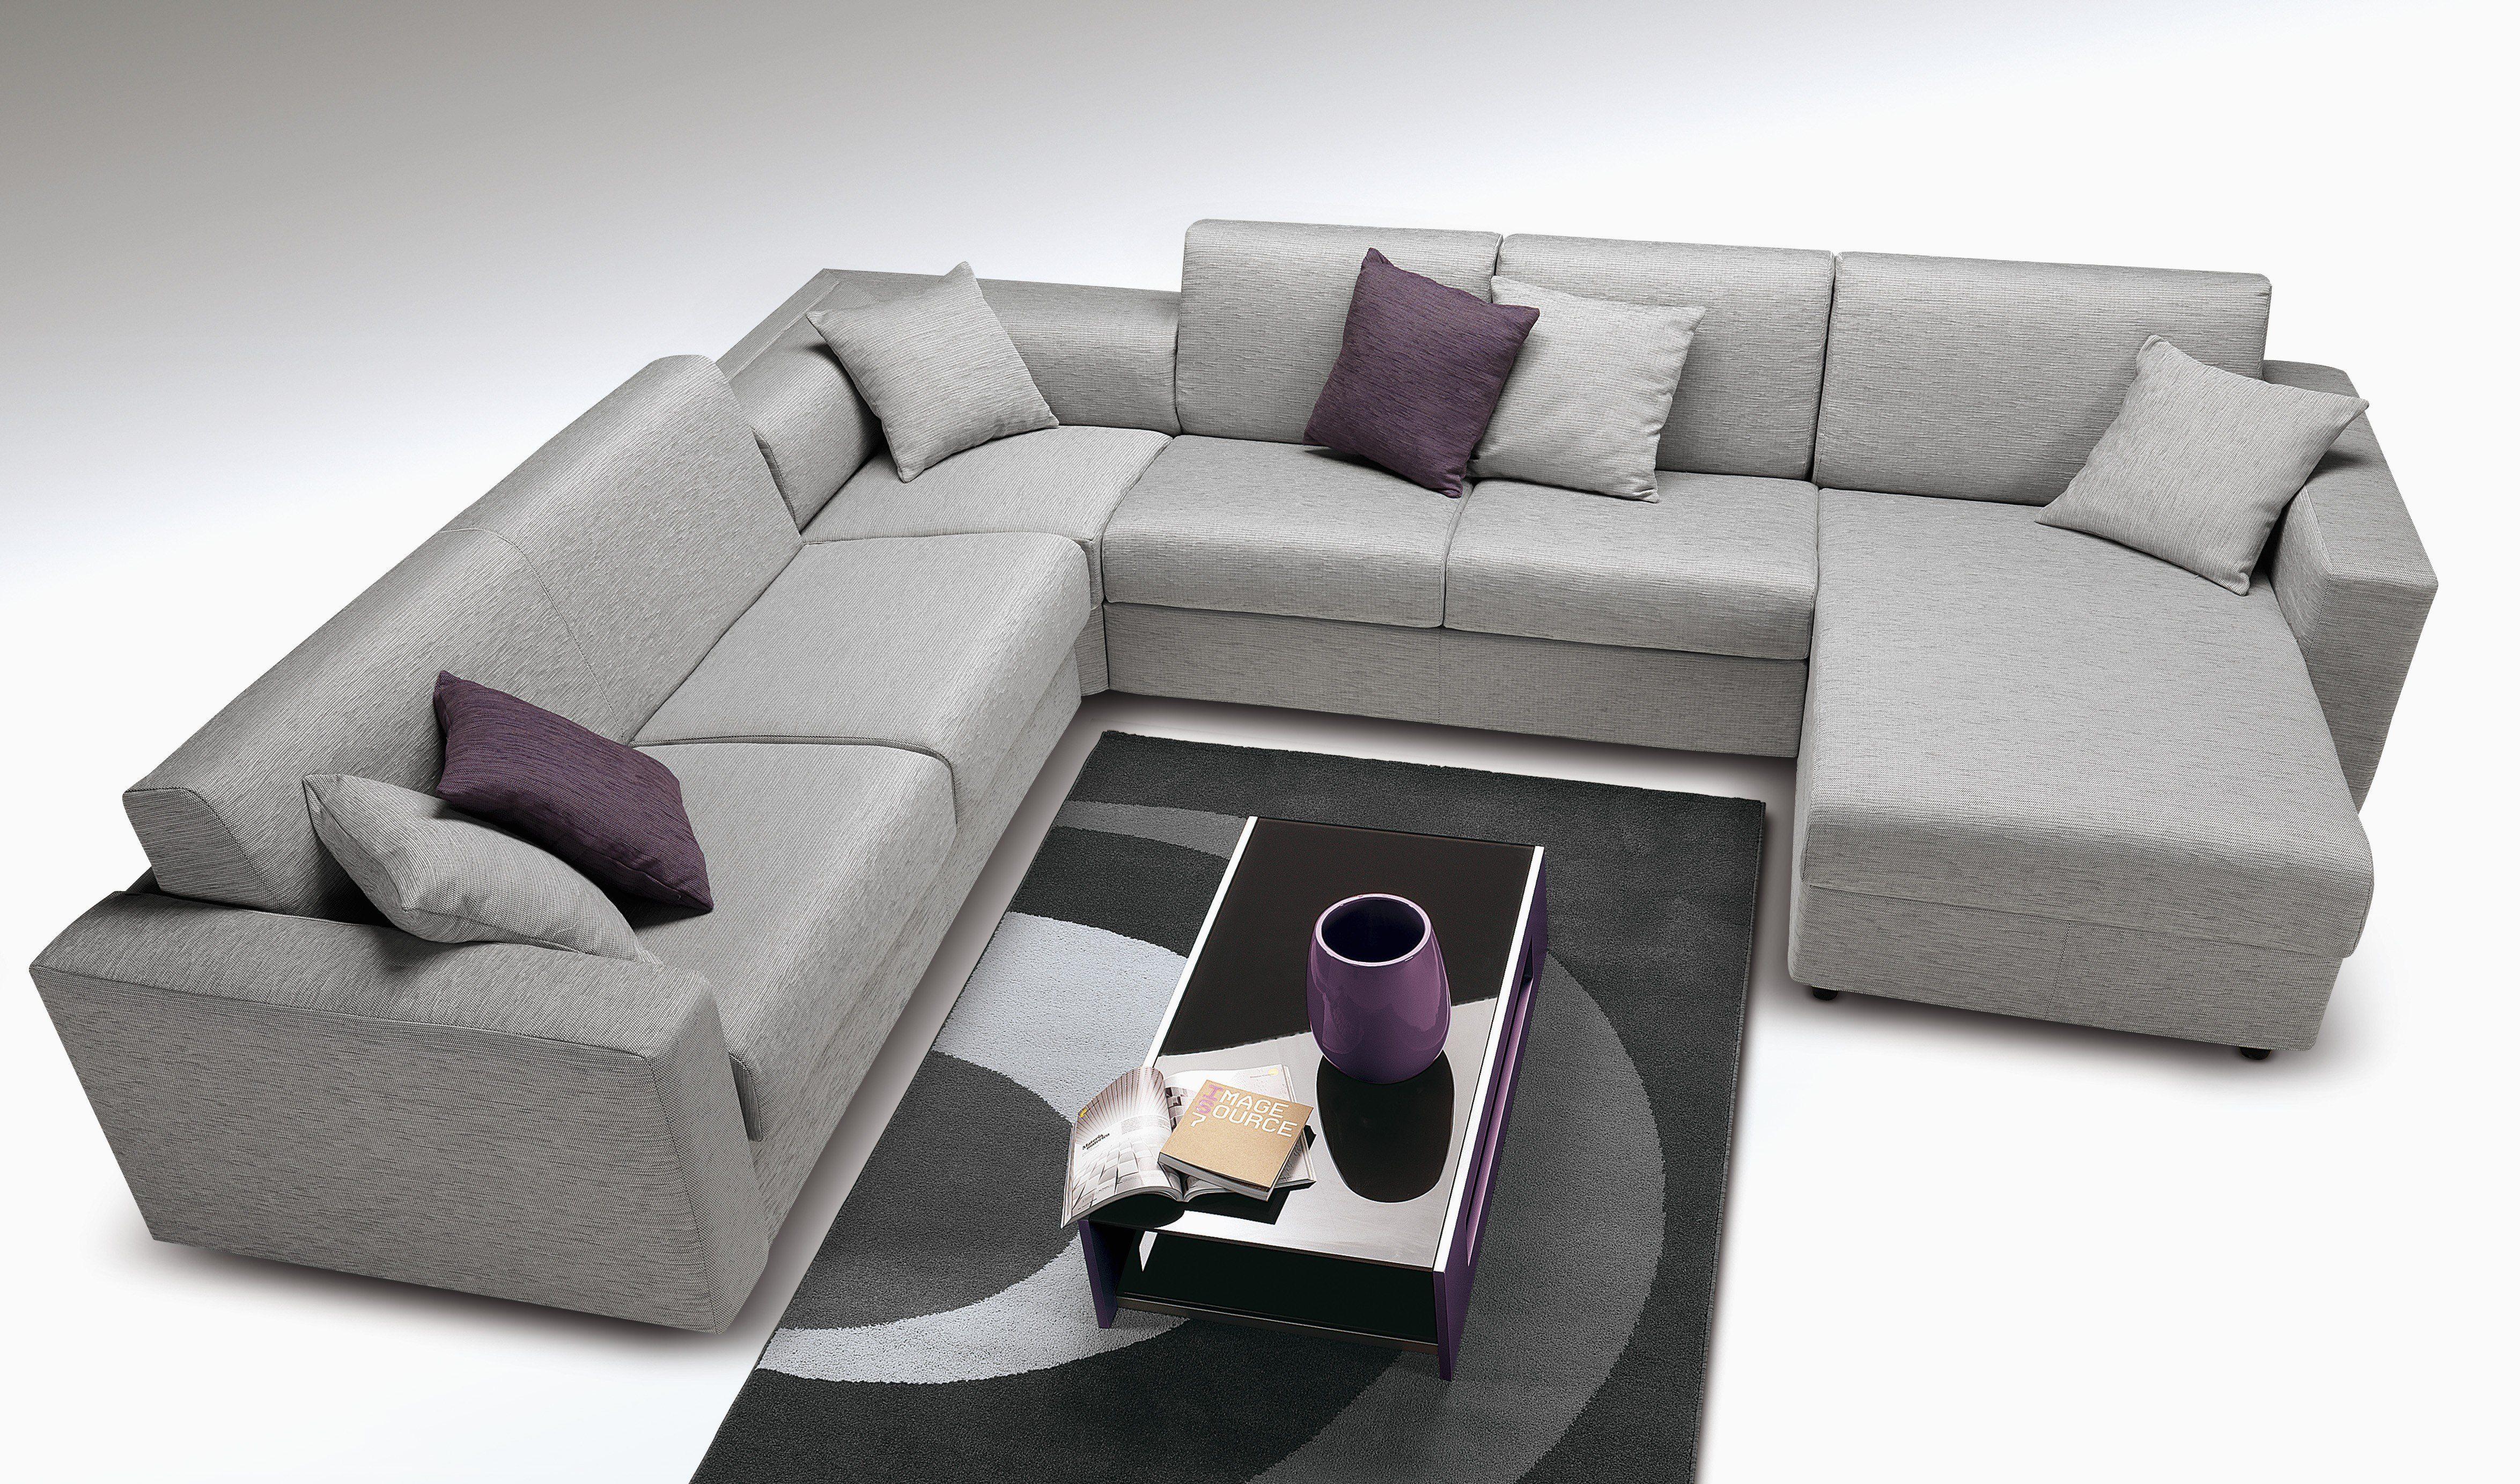 Lit Canapé Gigogne Unique Canapé Lit Design – Arturotoscanini